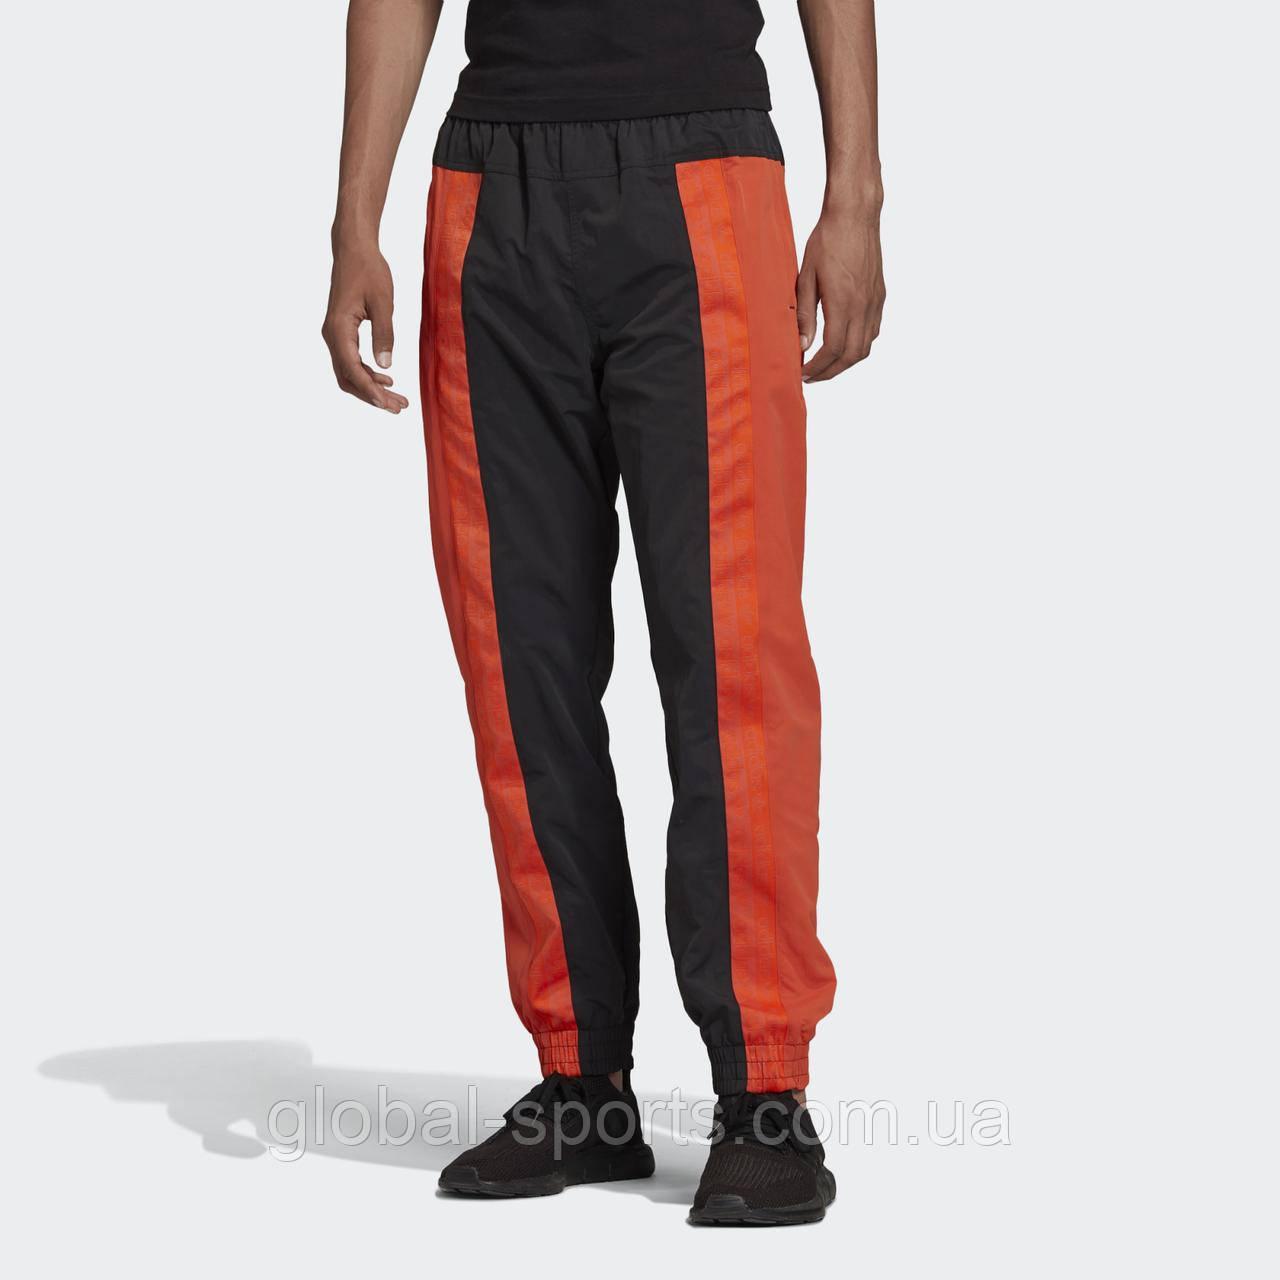 Мужские брюки - джокеры Adidas Originals R.Y.V.(Артикул:FM2283 )